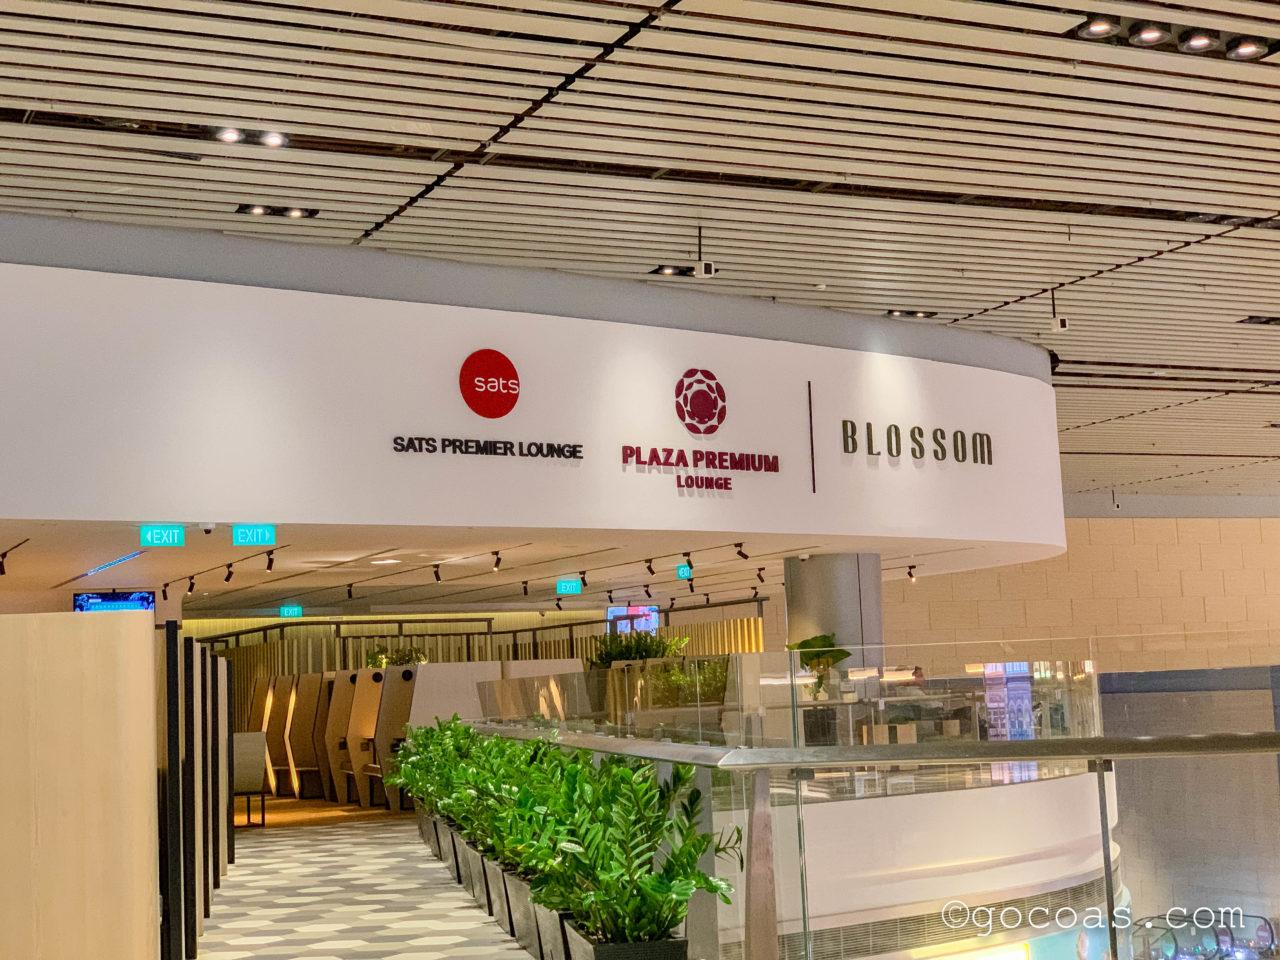 シンガポール・チャンギ国際空港内のBLOSSOM LOUNGE看板